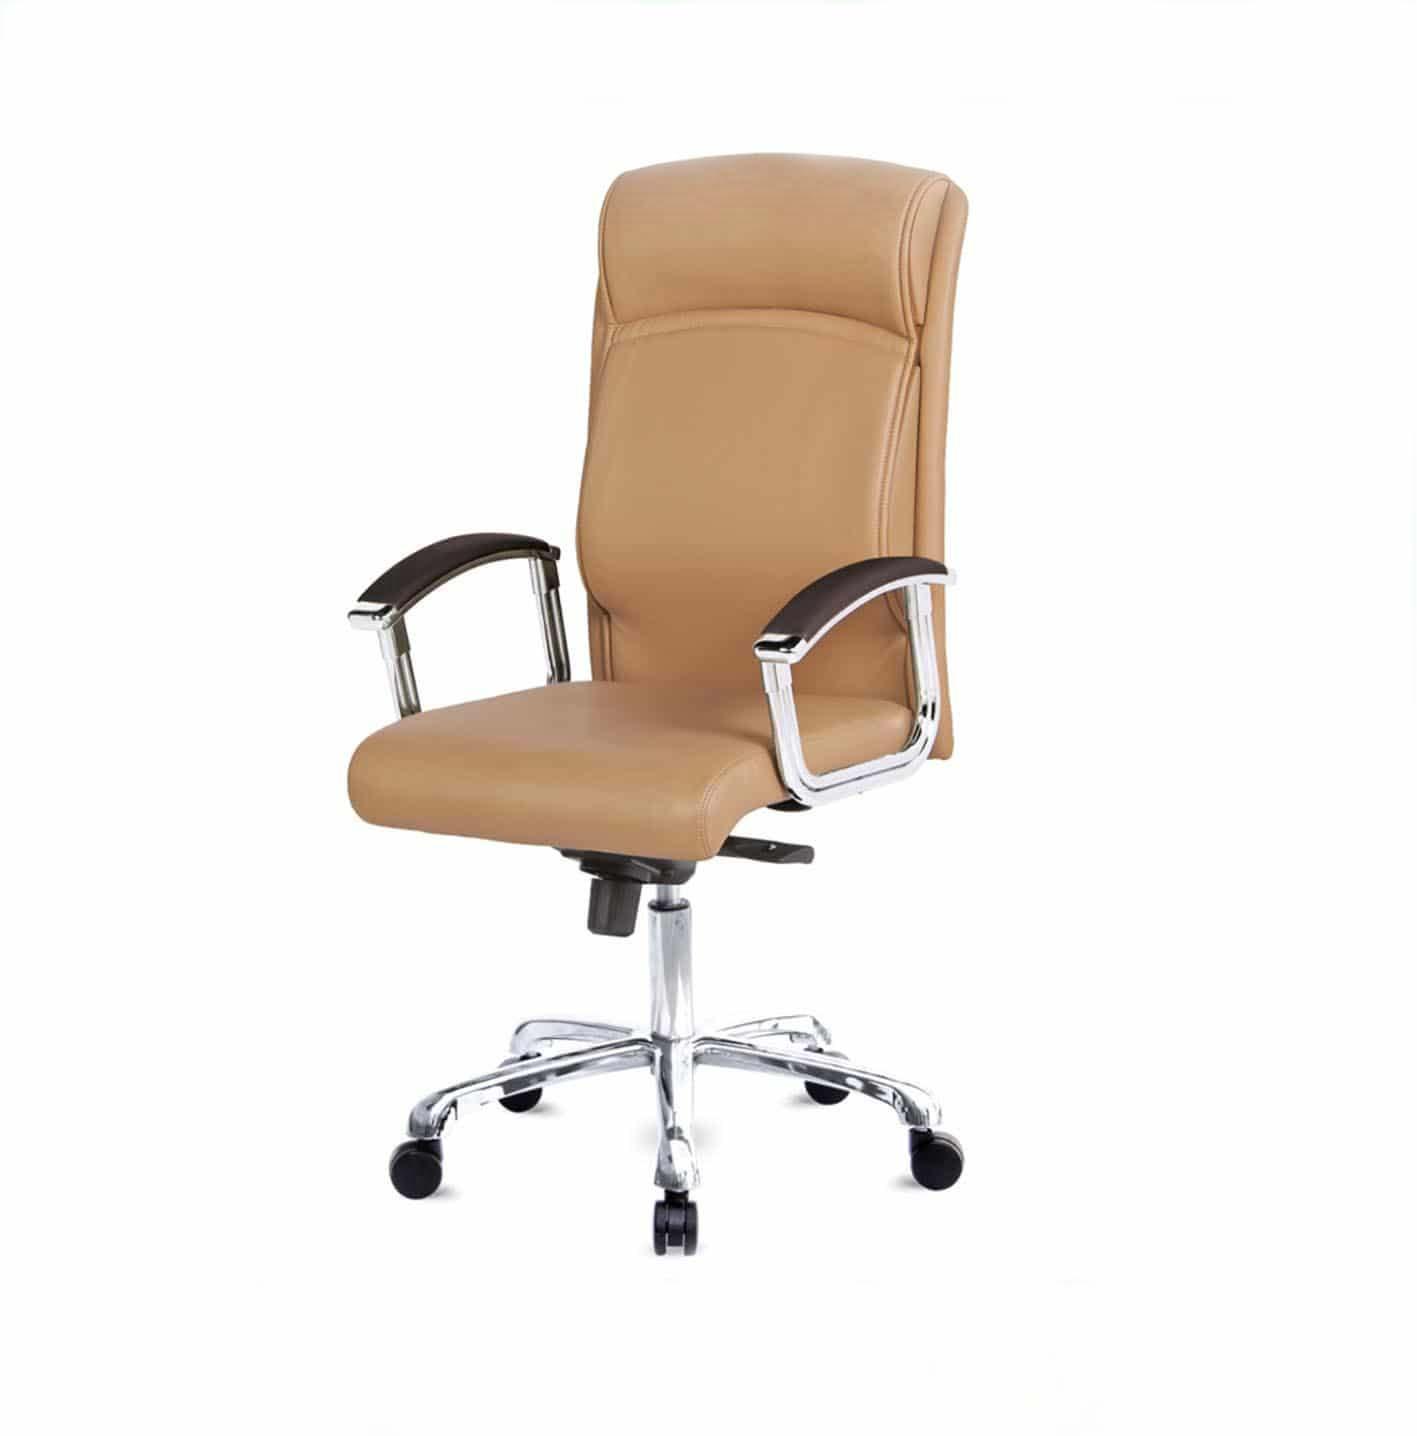 صندلی اداری با کیفیت